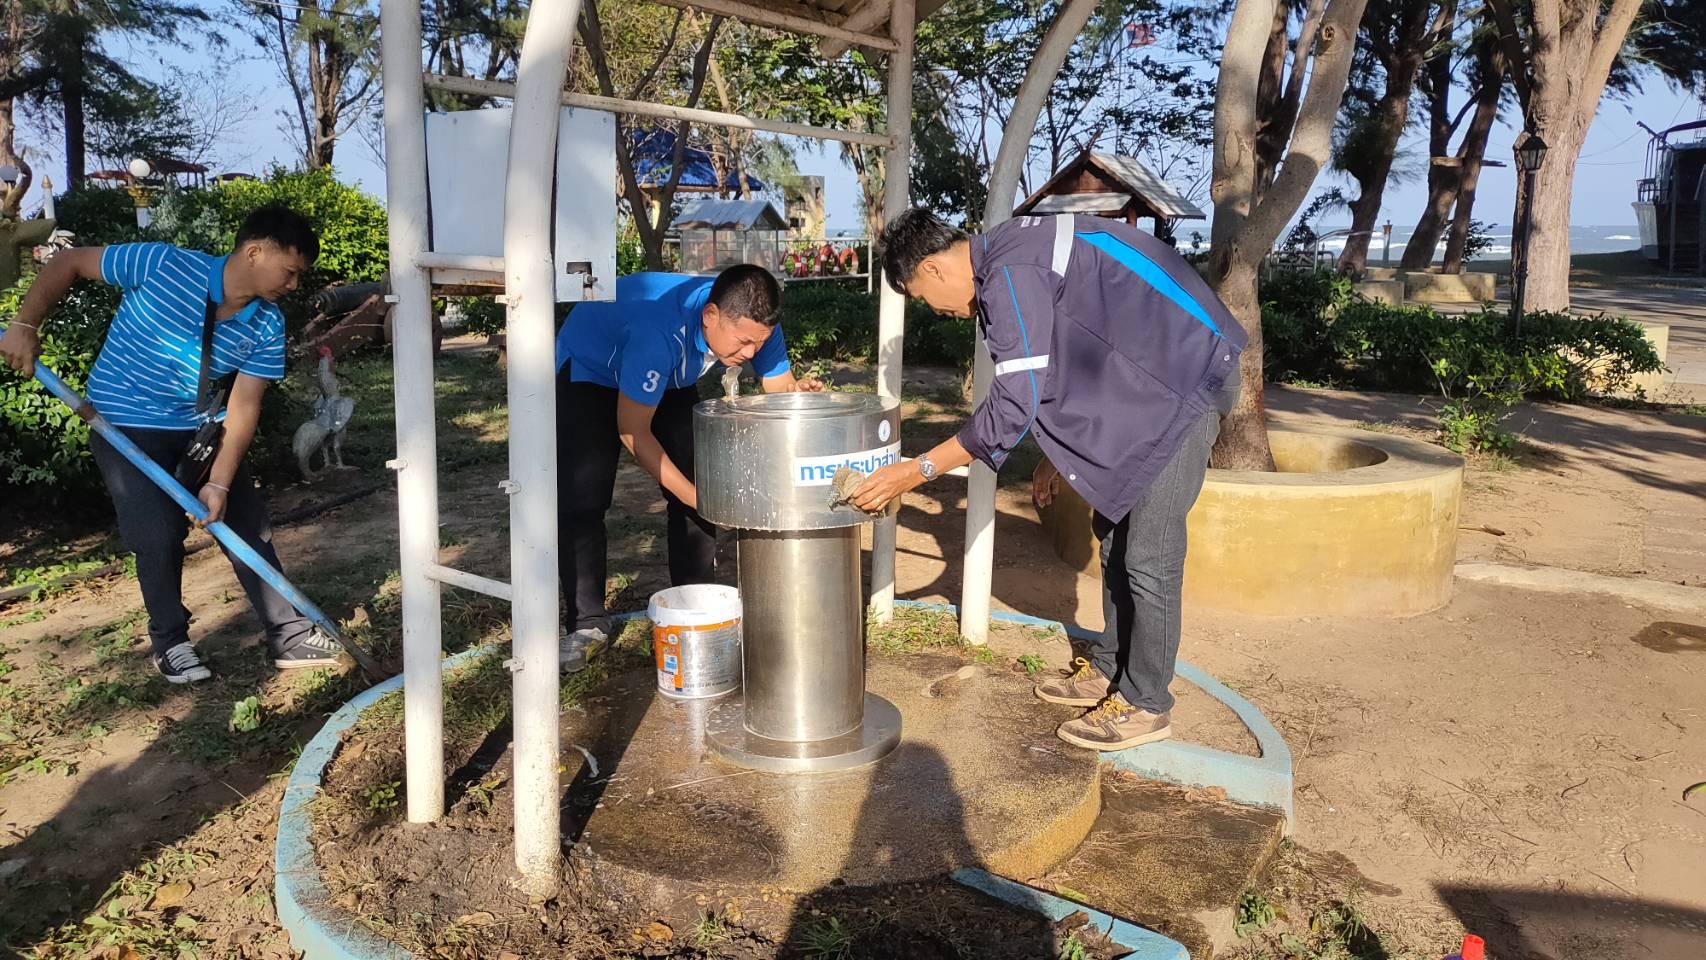 การประปาส่วนภูมิภาคสาขาปราณบุรี จัดส่งพนักงานทำความสะอาดและบำรุงรักษา แท่นน้ำประปาดื่มได้ ประจำเดือนธันวาคม 2563